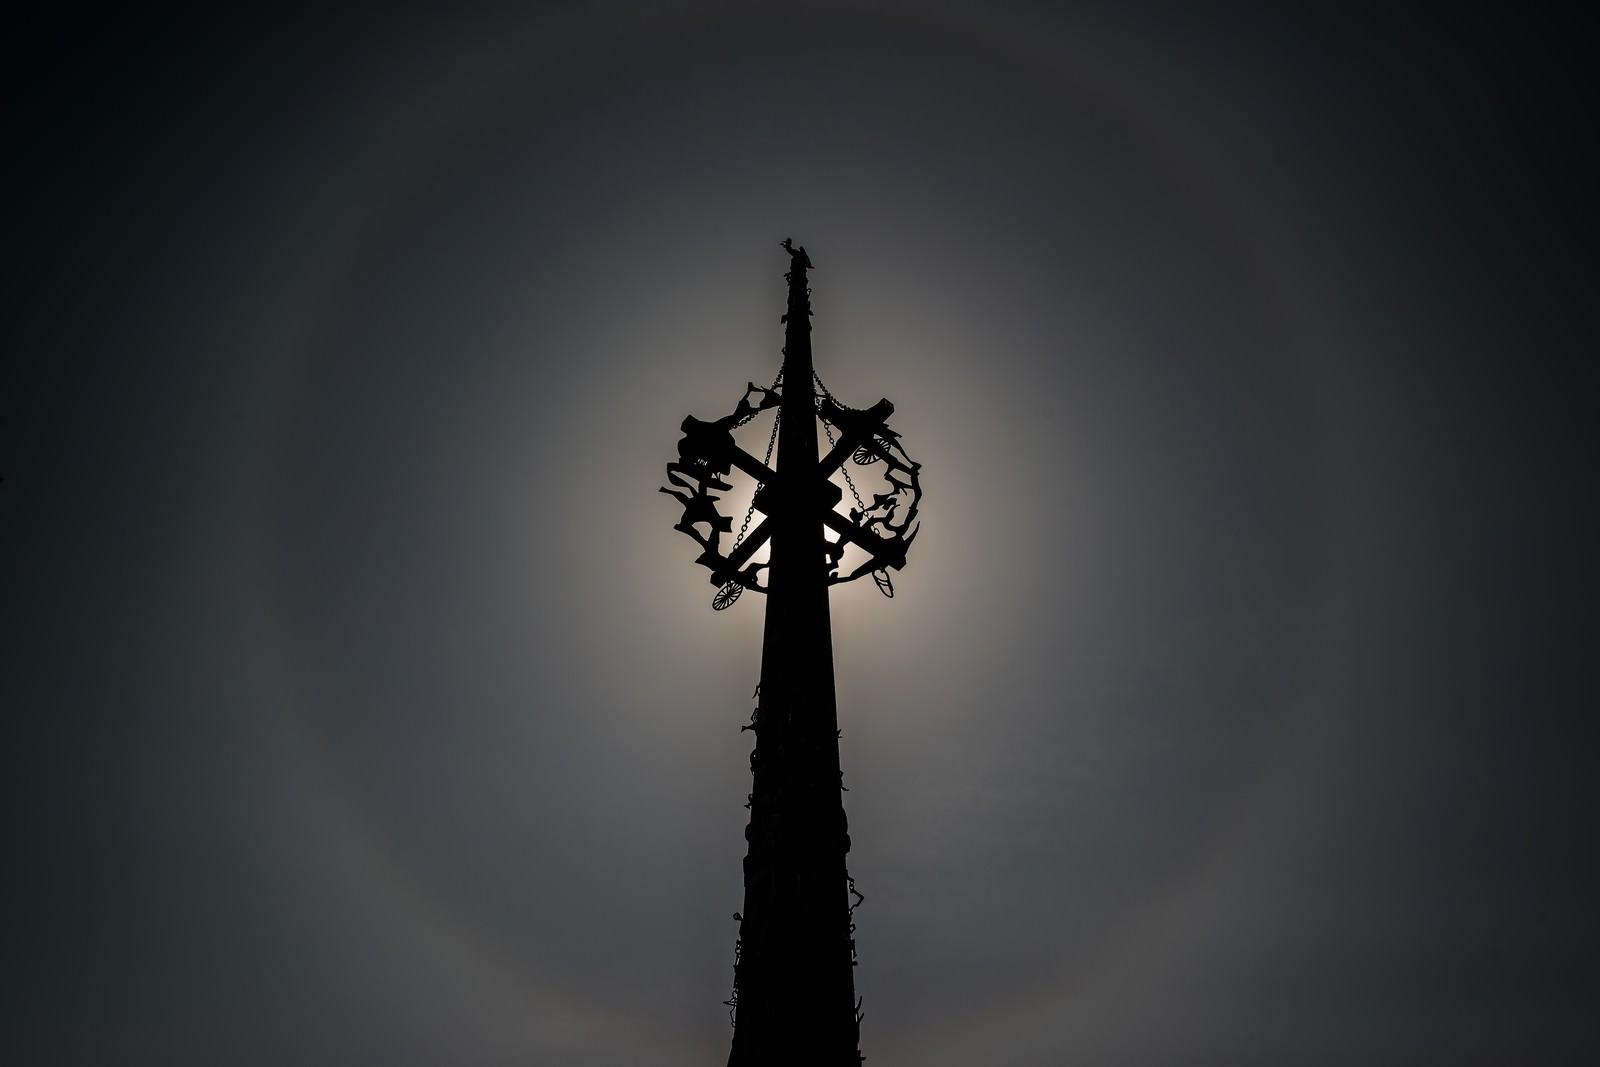 「開拓のイメージ」の写真